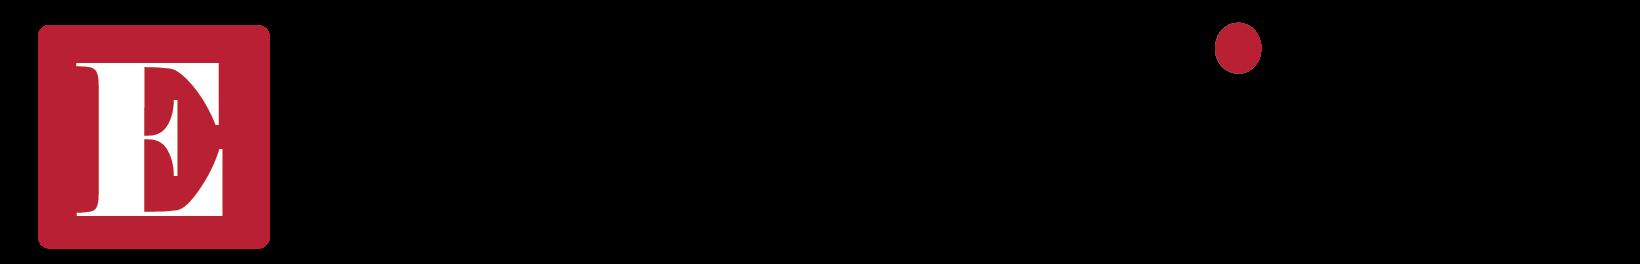 Enchan-Trixto